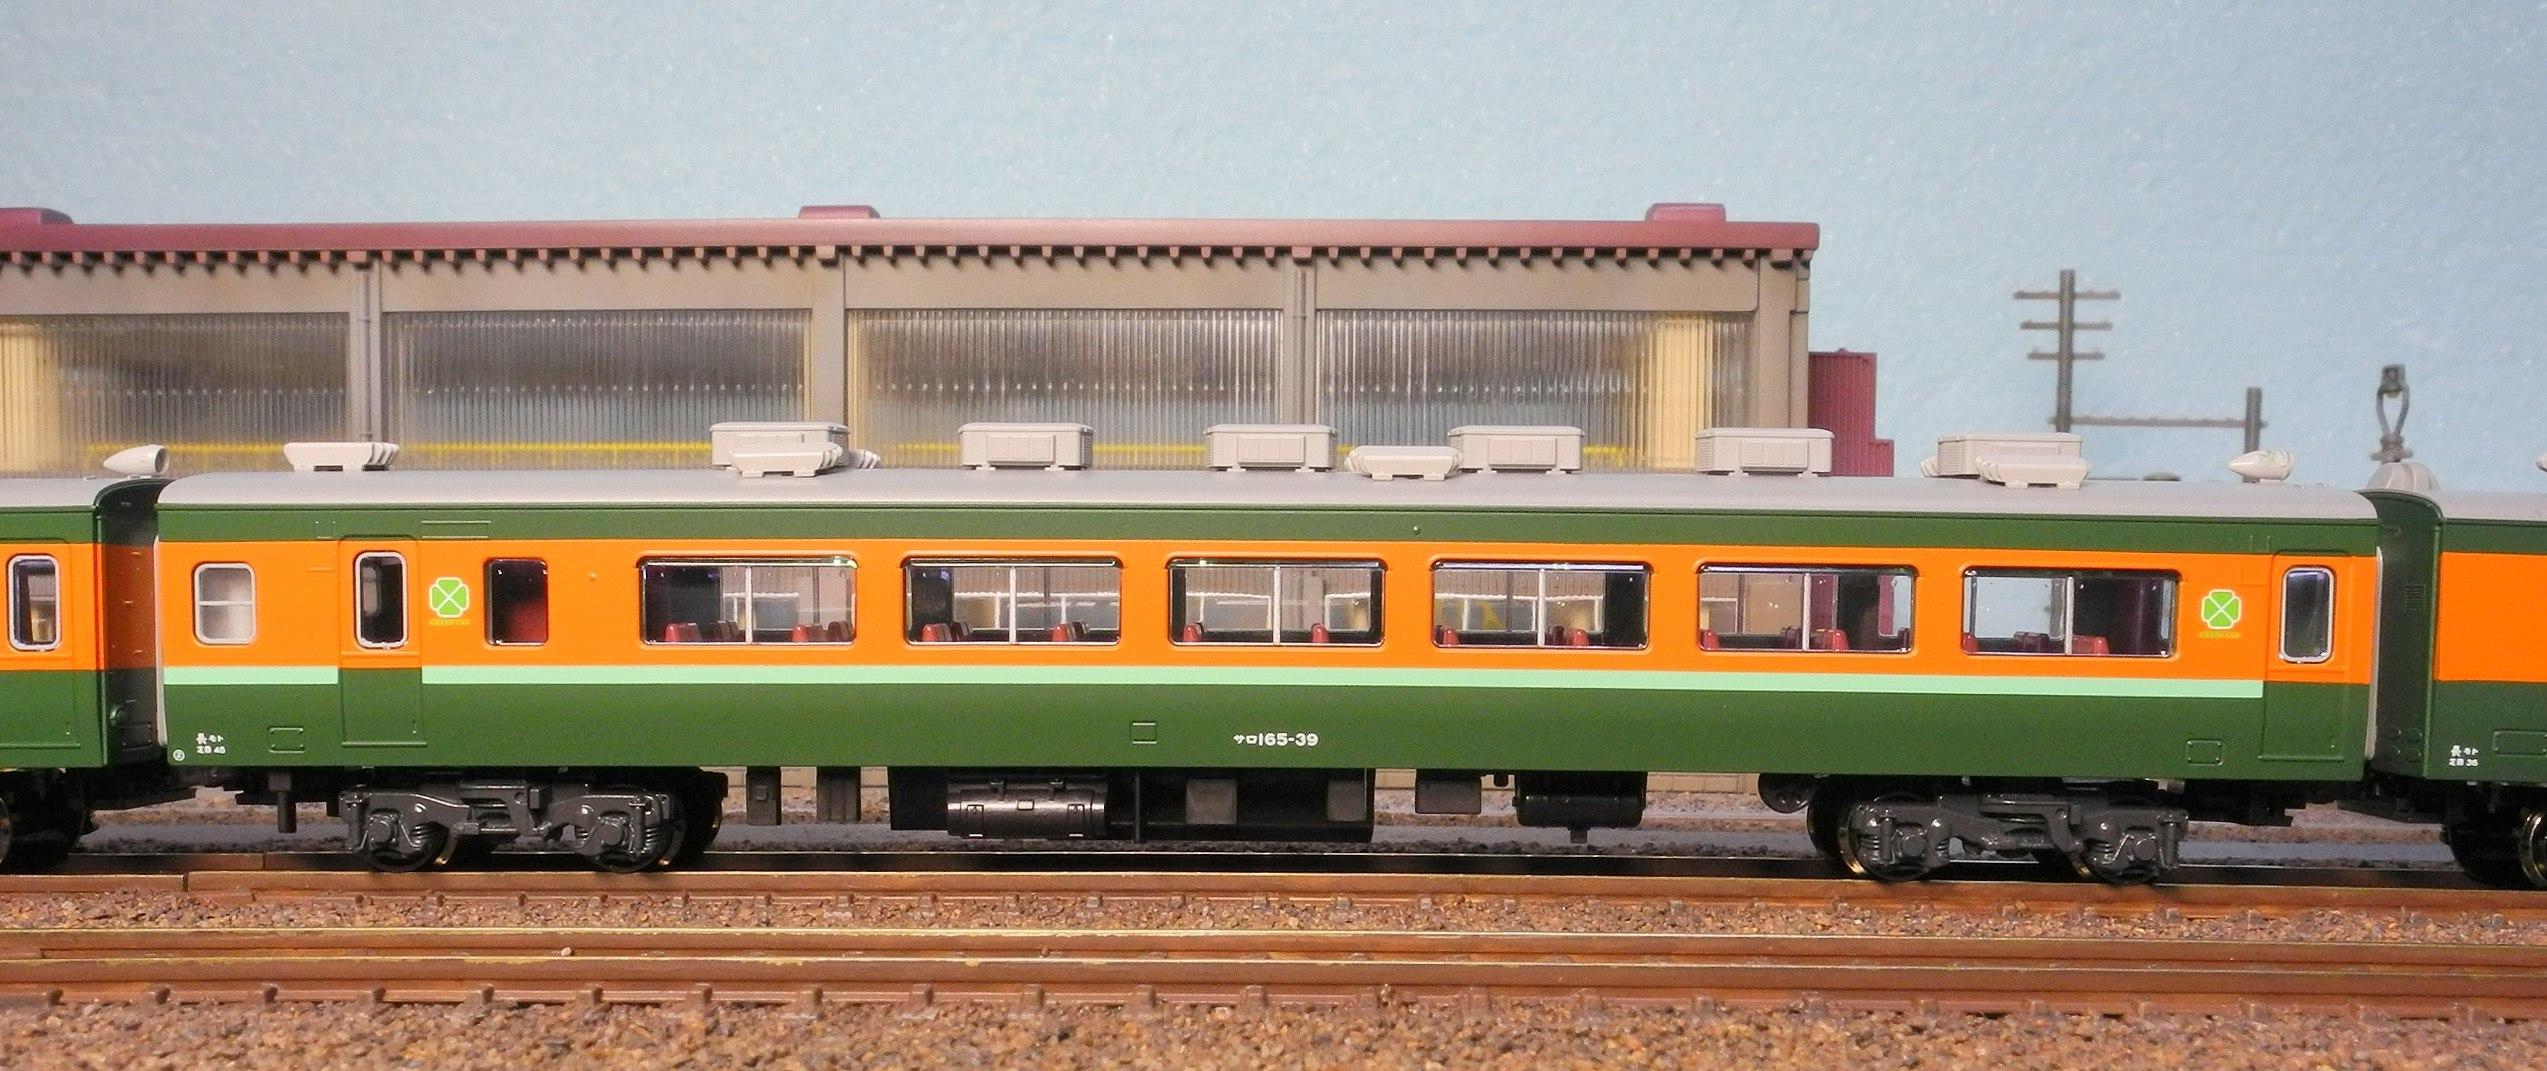 DSCN8290-1.jpg